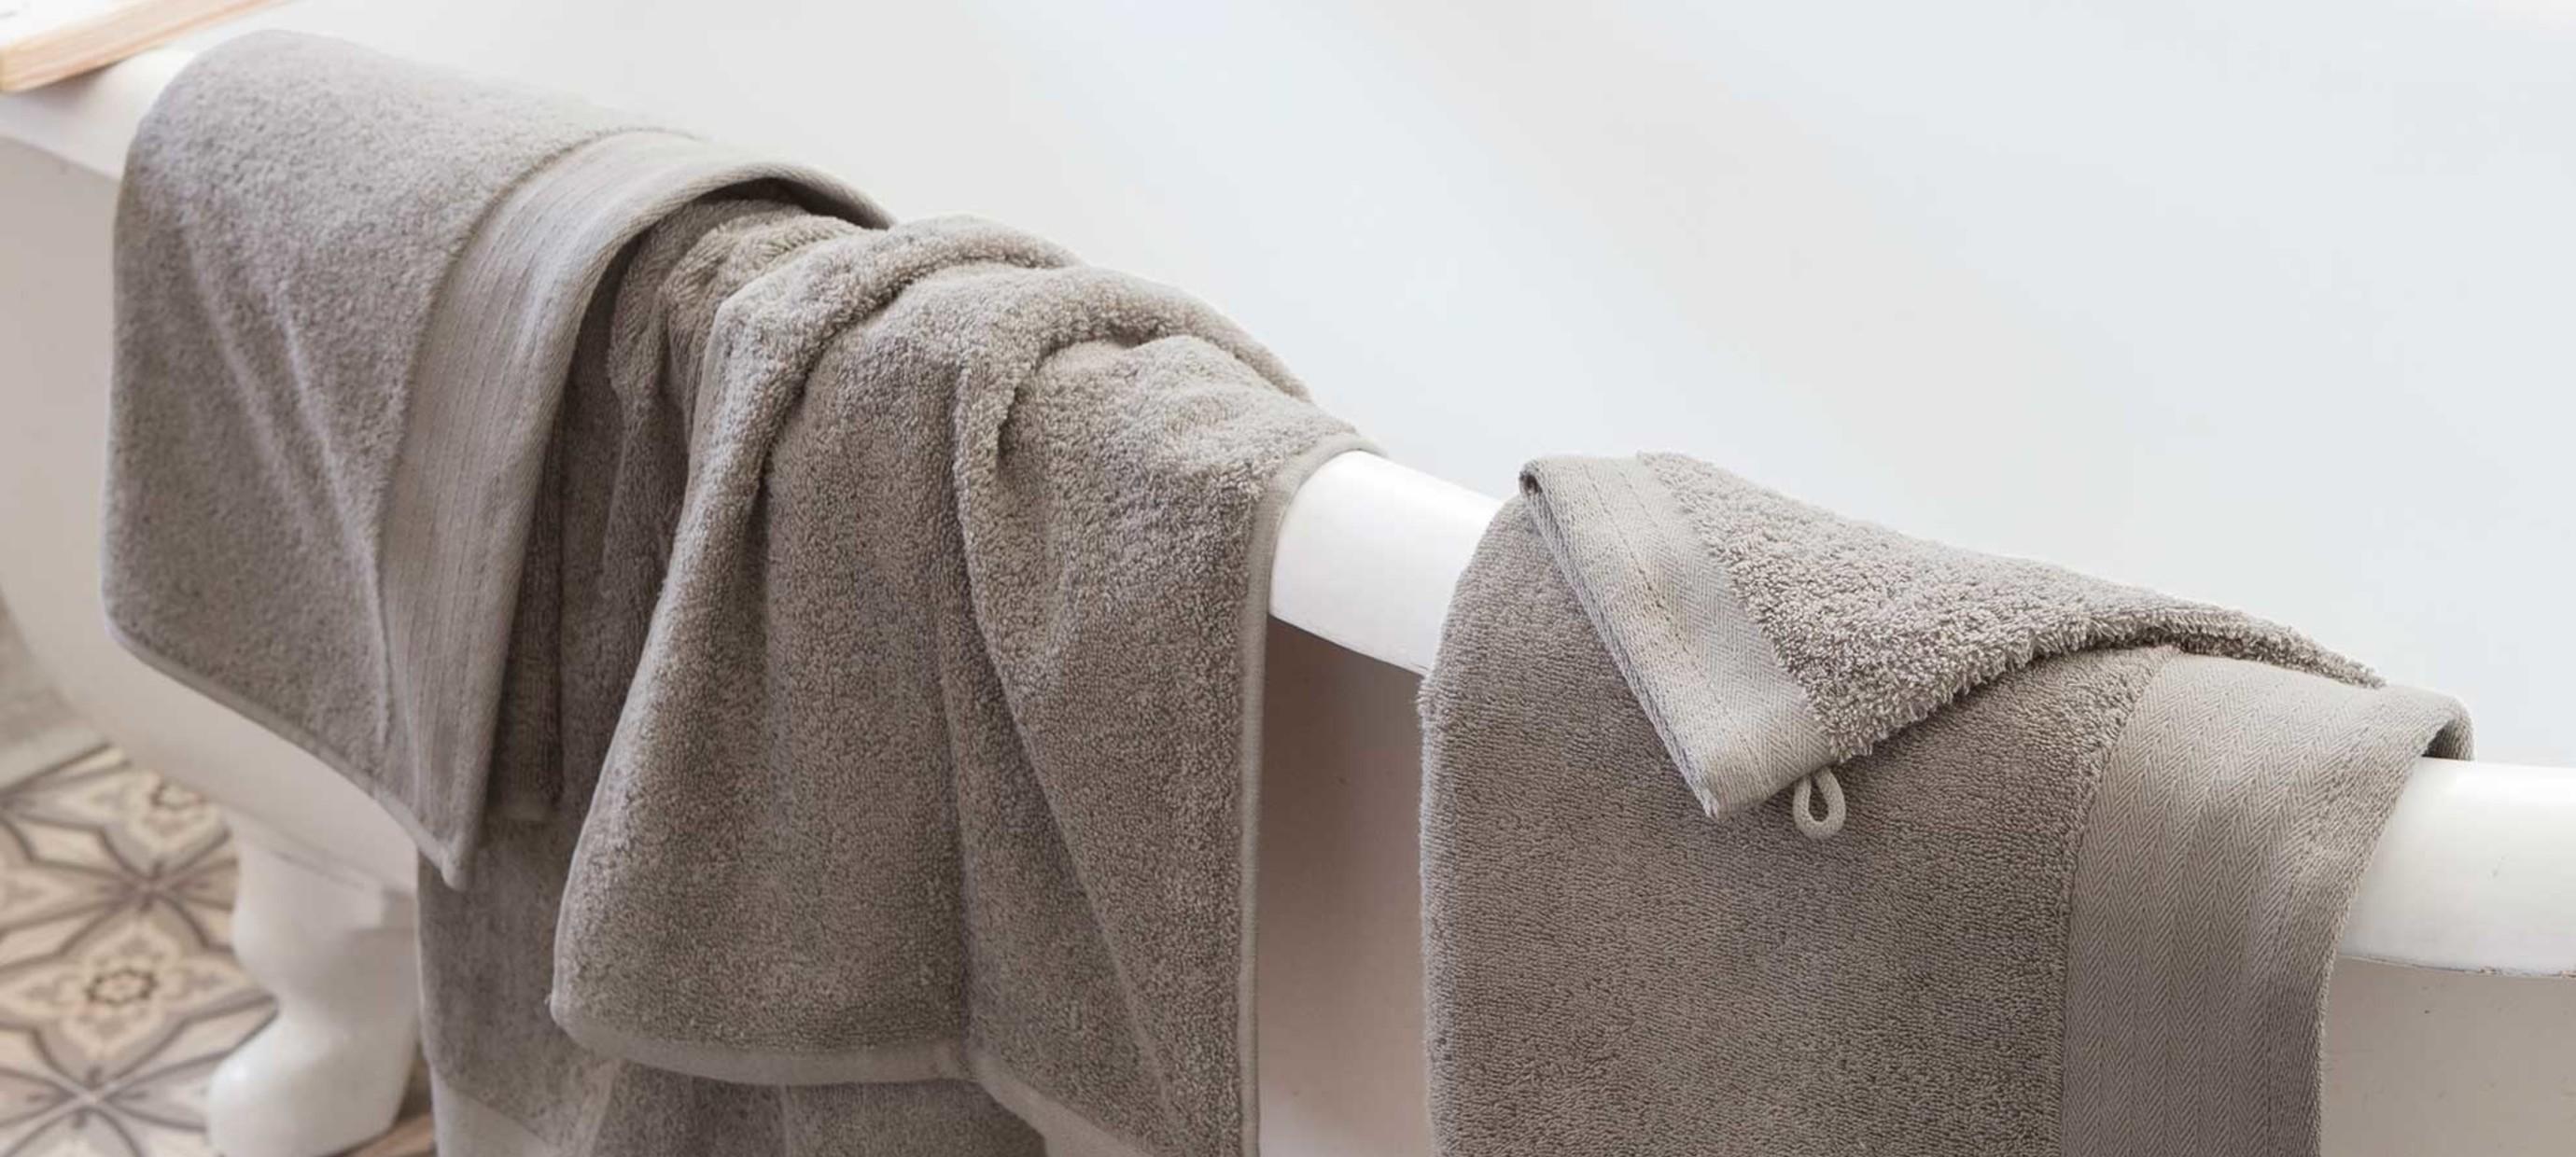 Waar moet je op letten bij het kopen van handdoeken?